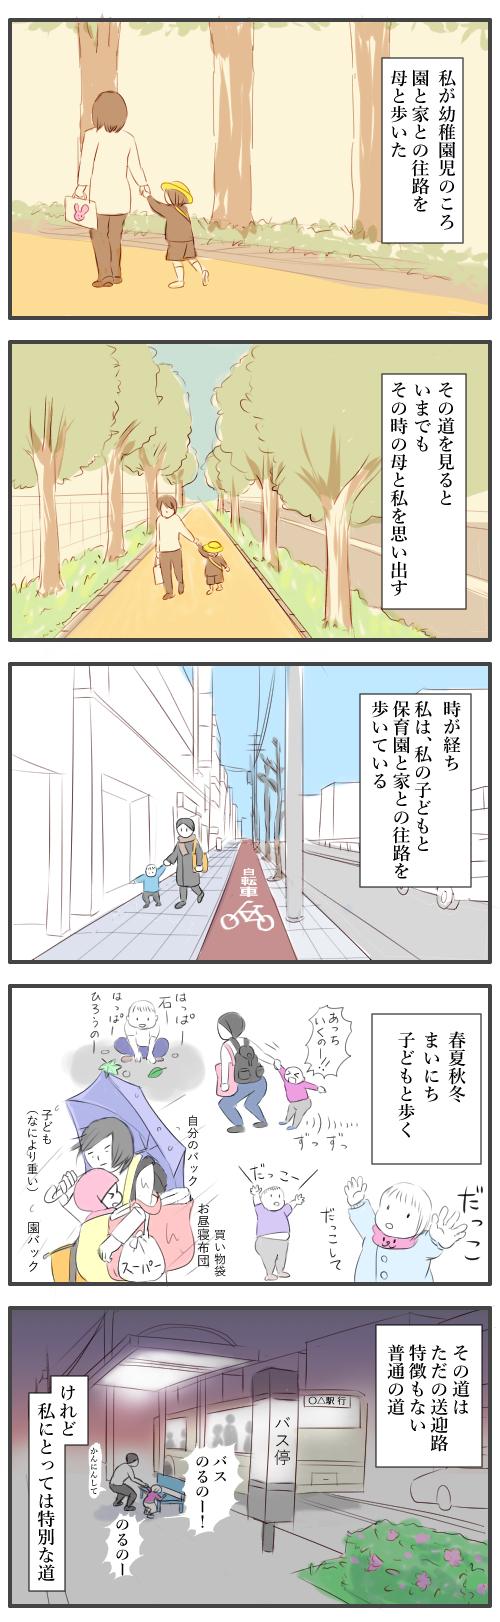 送迎路の子どもと親